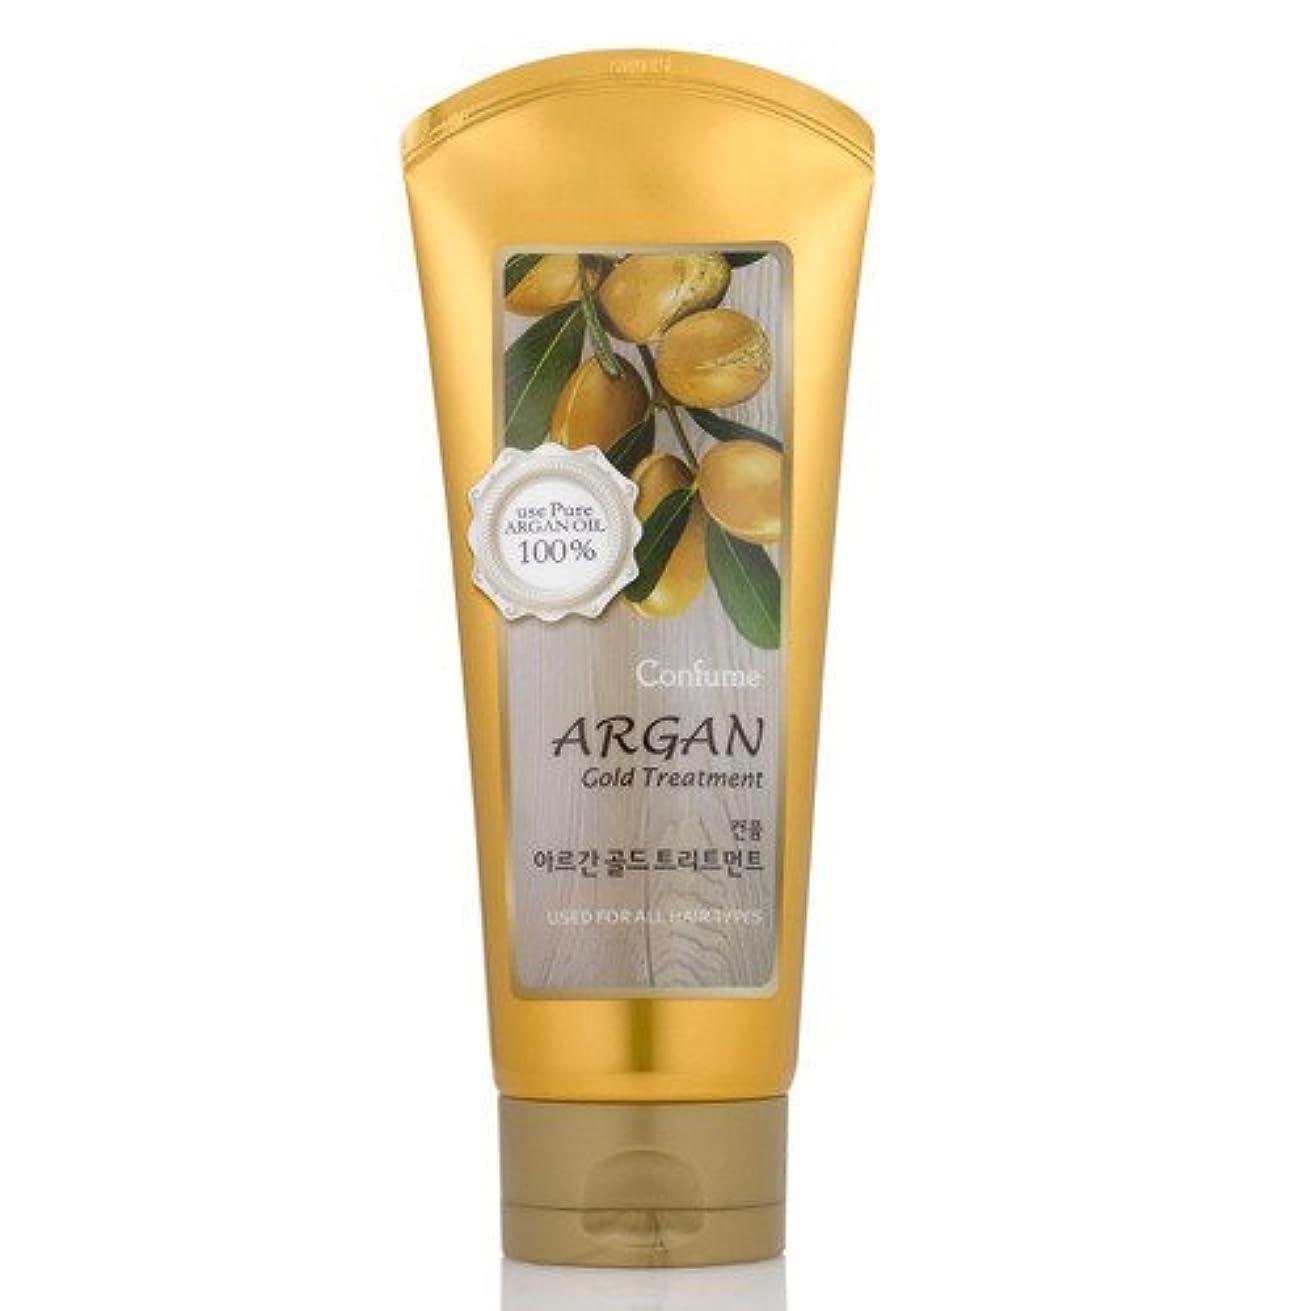 あえぎに慣れ貝殻ウェルコス(WELCOS) アルガン コールド トリートメント200ml / Welcos Confume Argan Gold Treatment 200ml [並行輸入品]